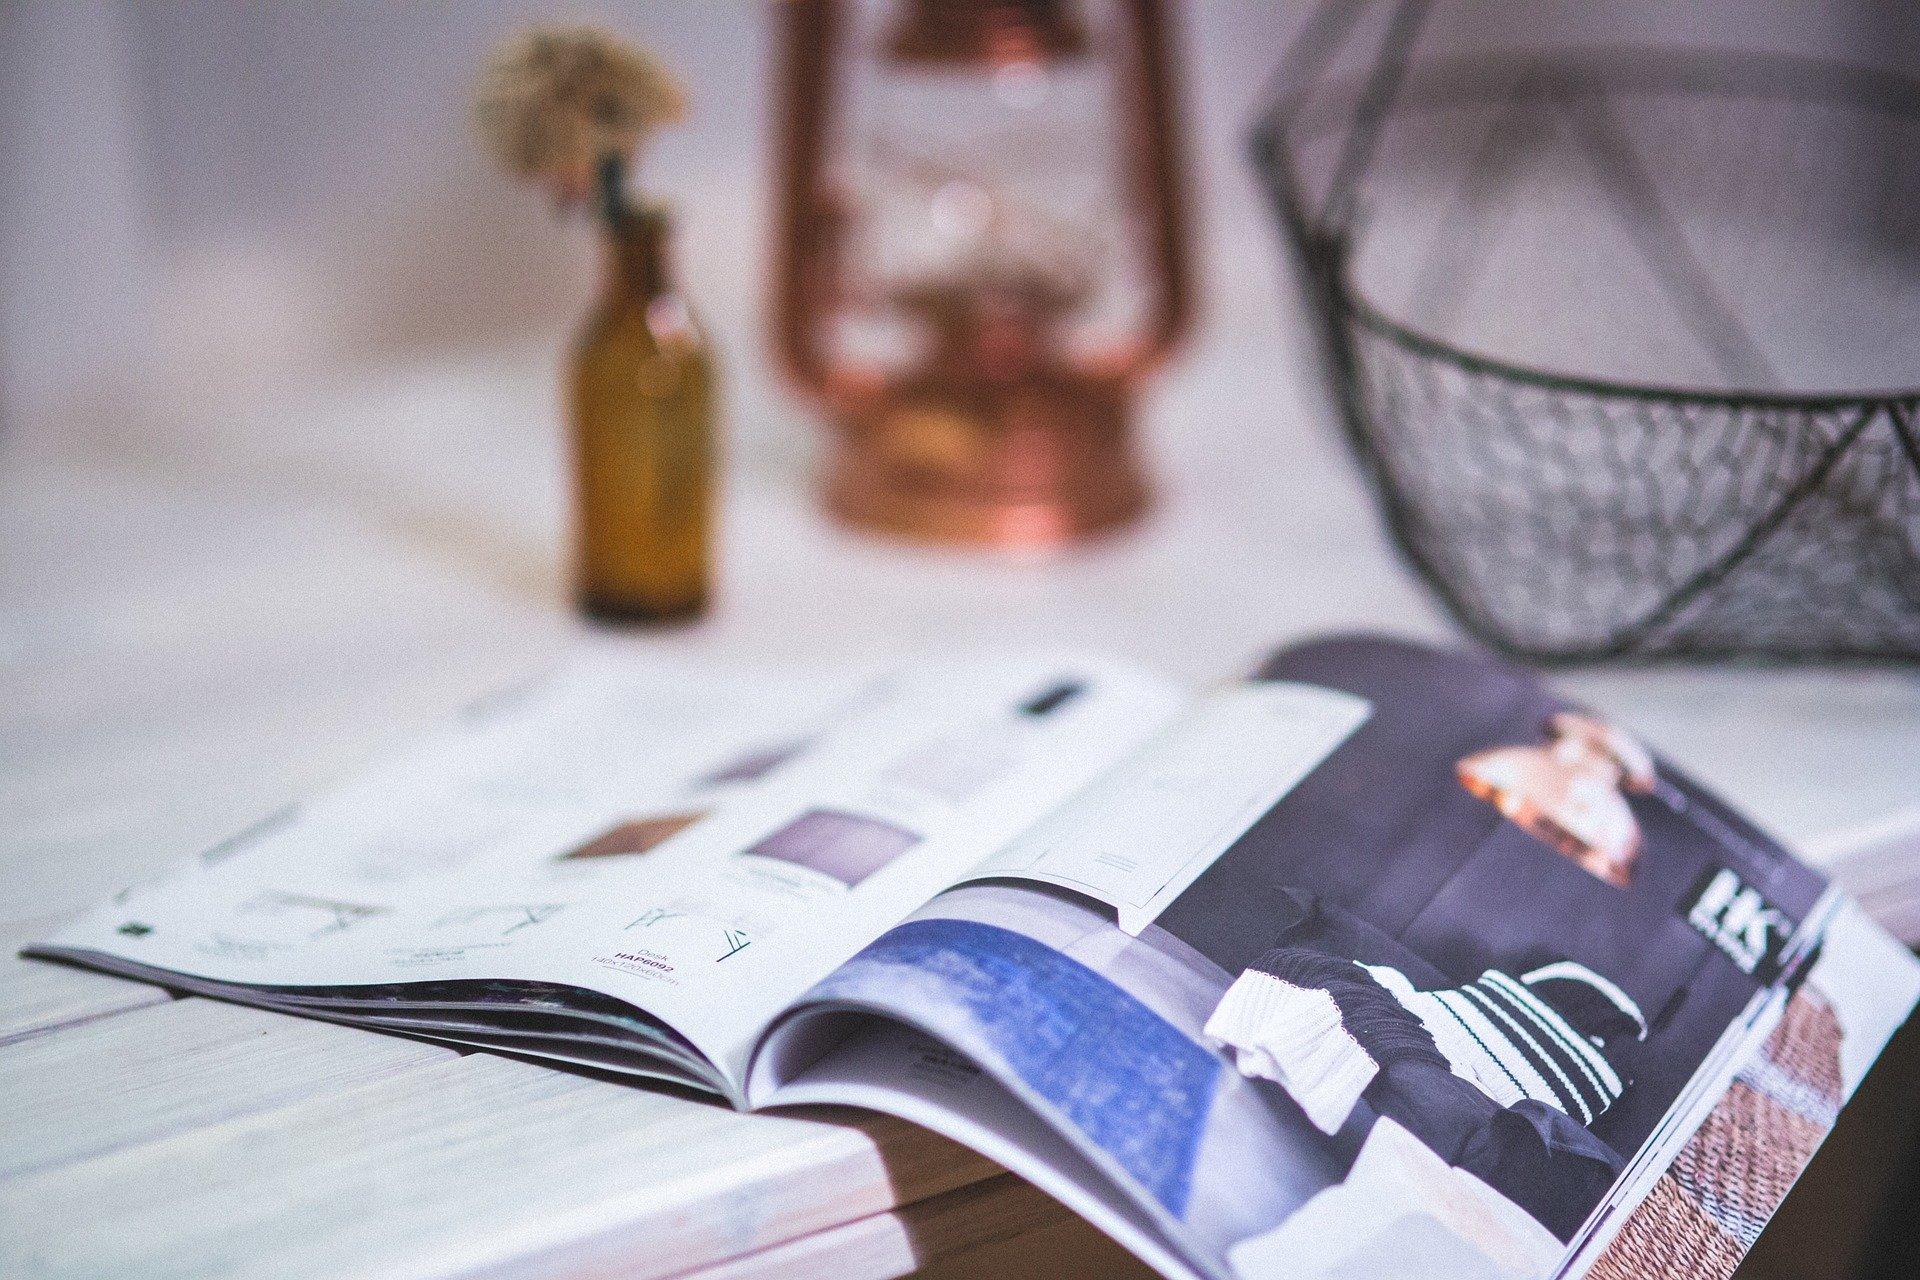 Магазин за онлайн списания във Филипините